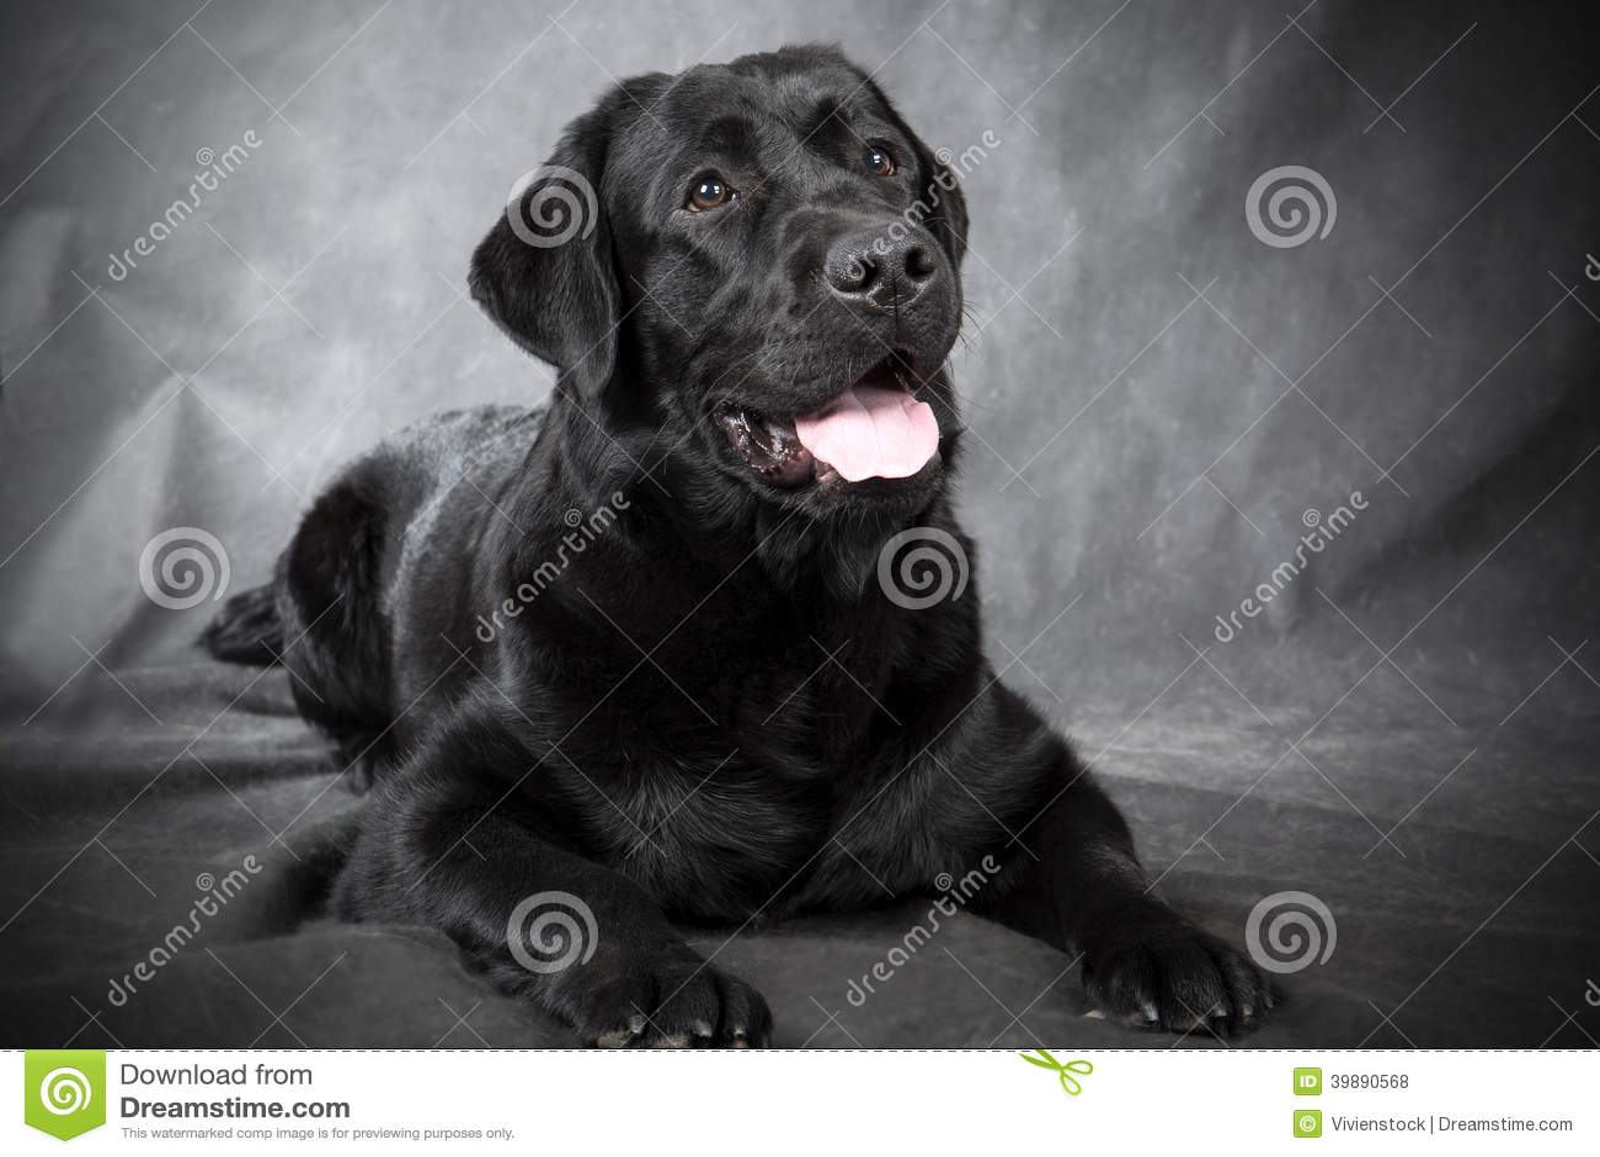 Black Labrador Retriever Stock Photo - Image: 39890568